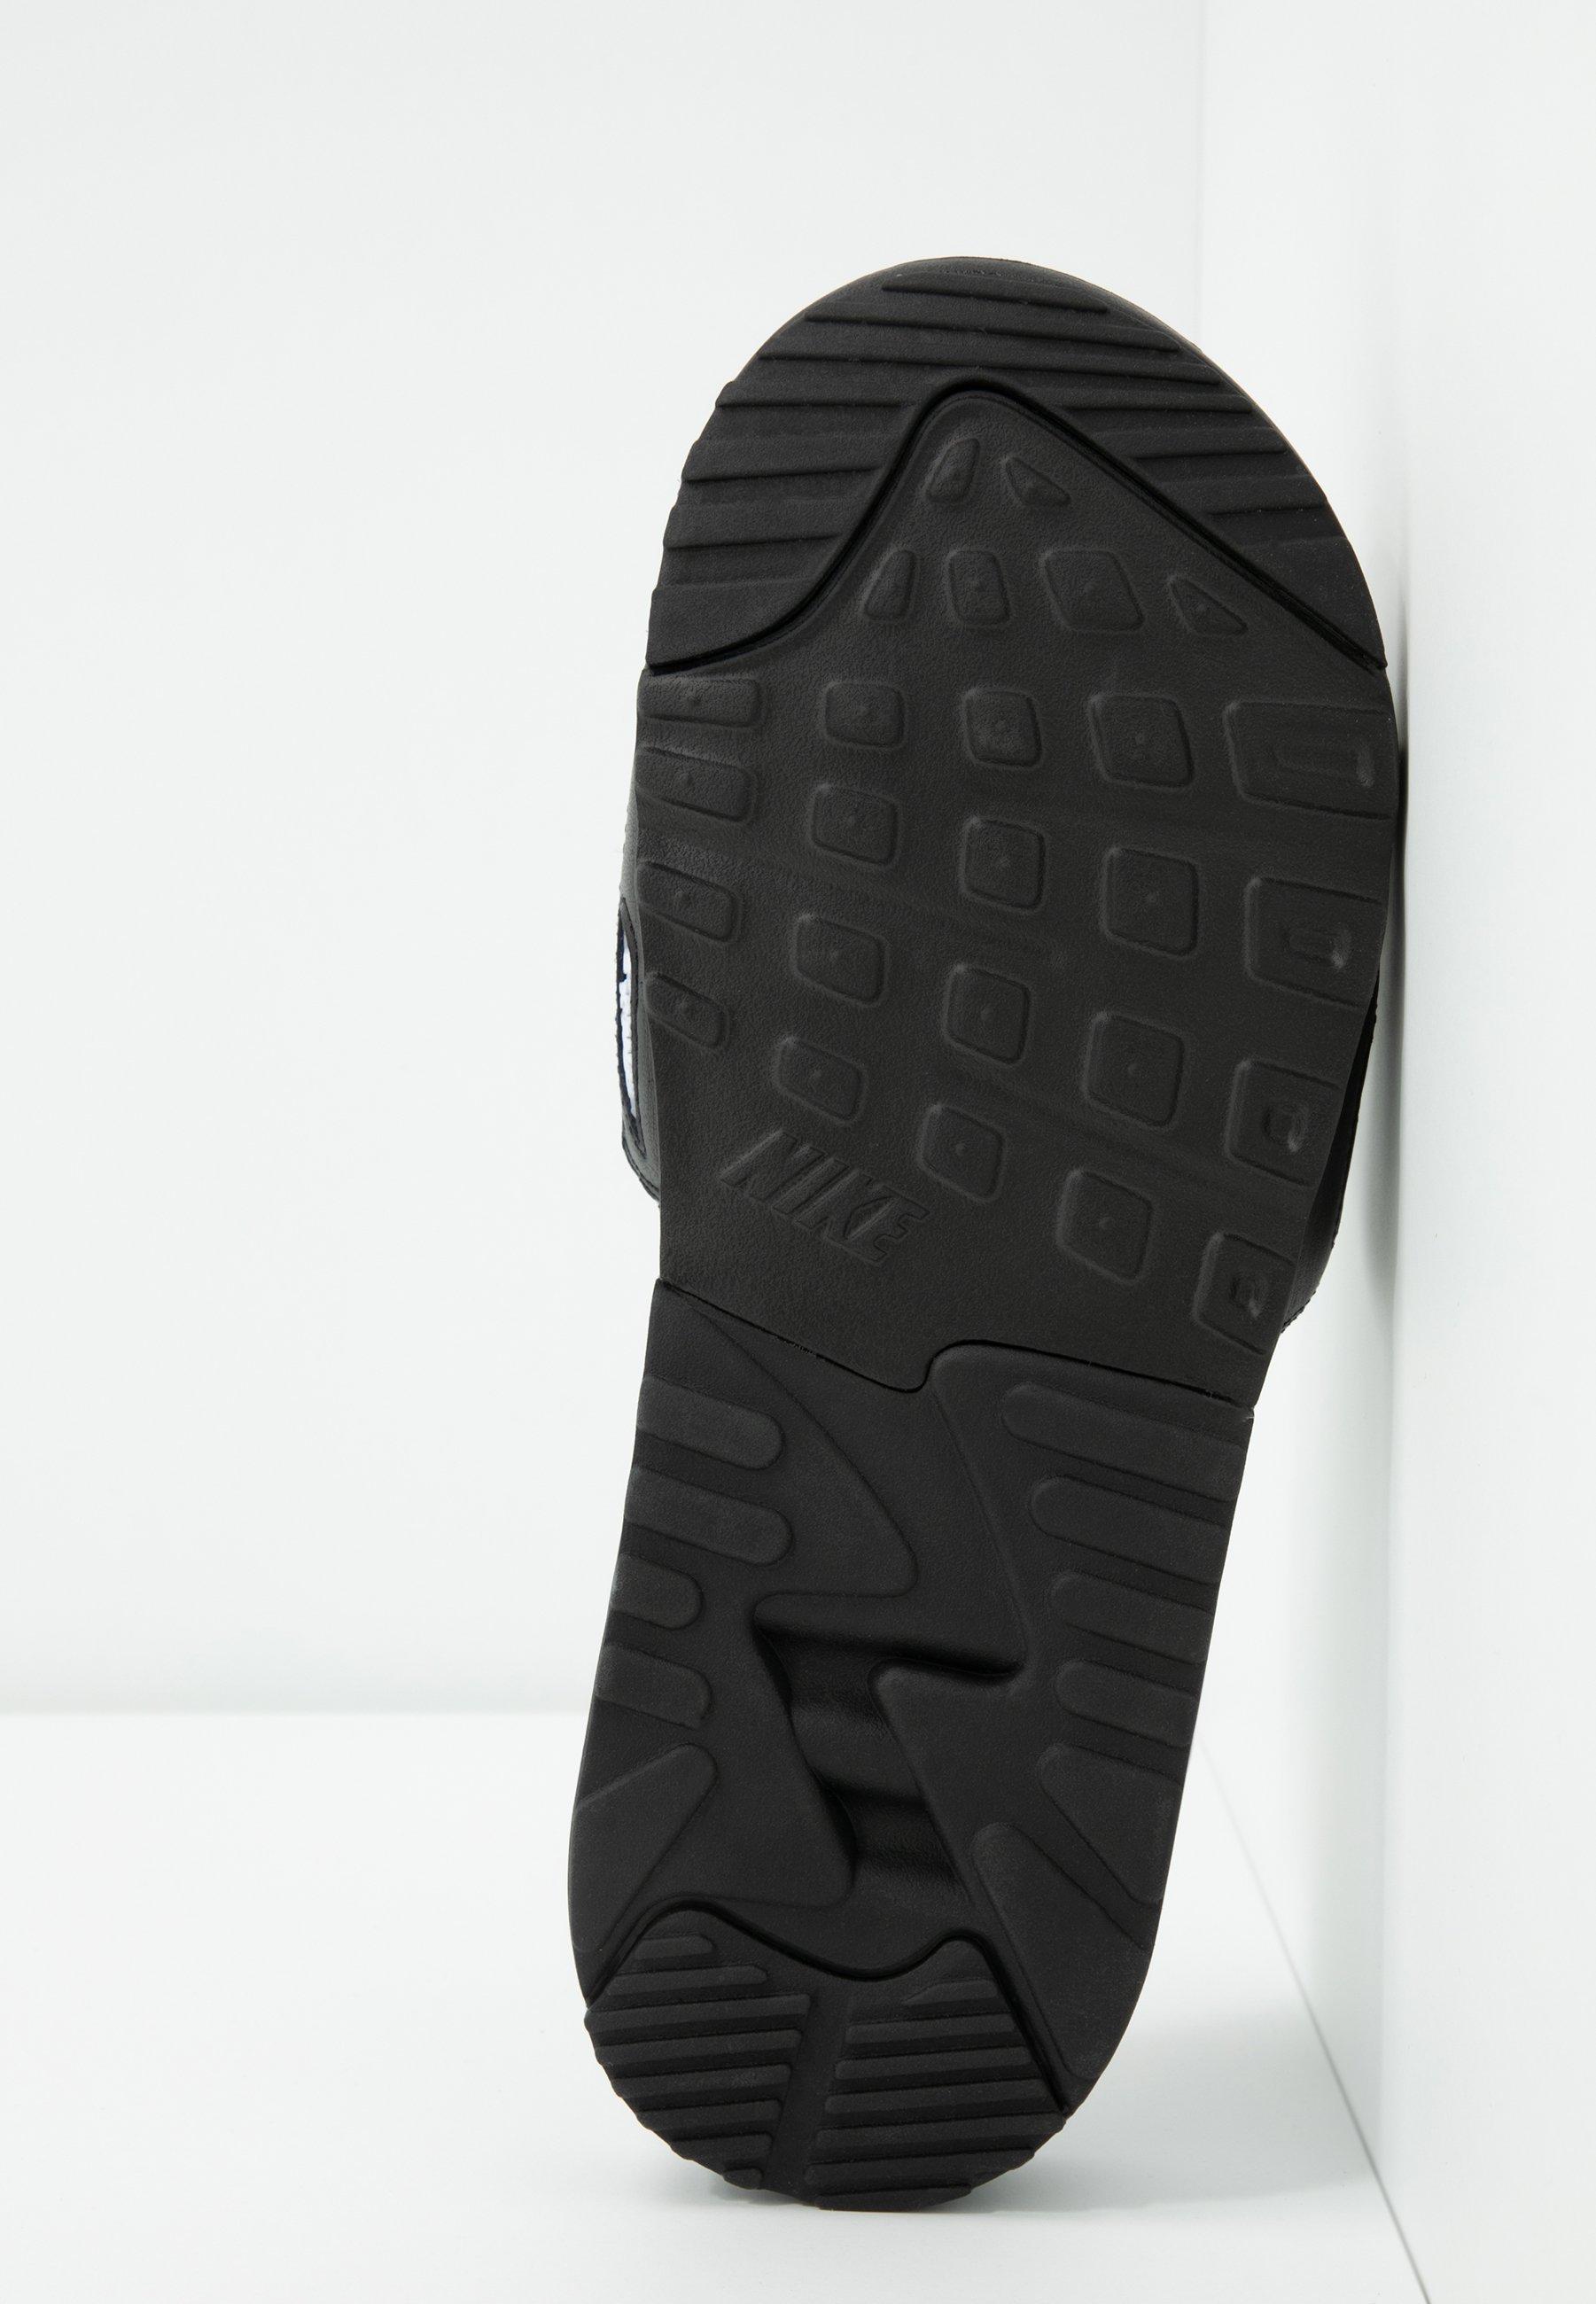 Nike Sportswear Air Max 90 Damen-slides - Chanclas De Baño Black/white